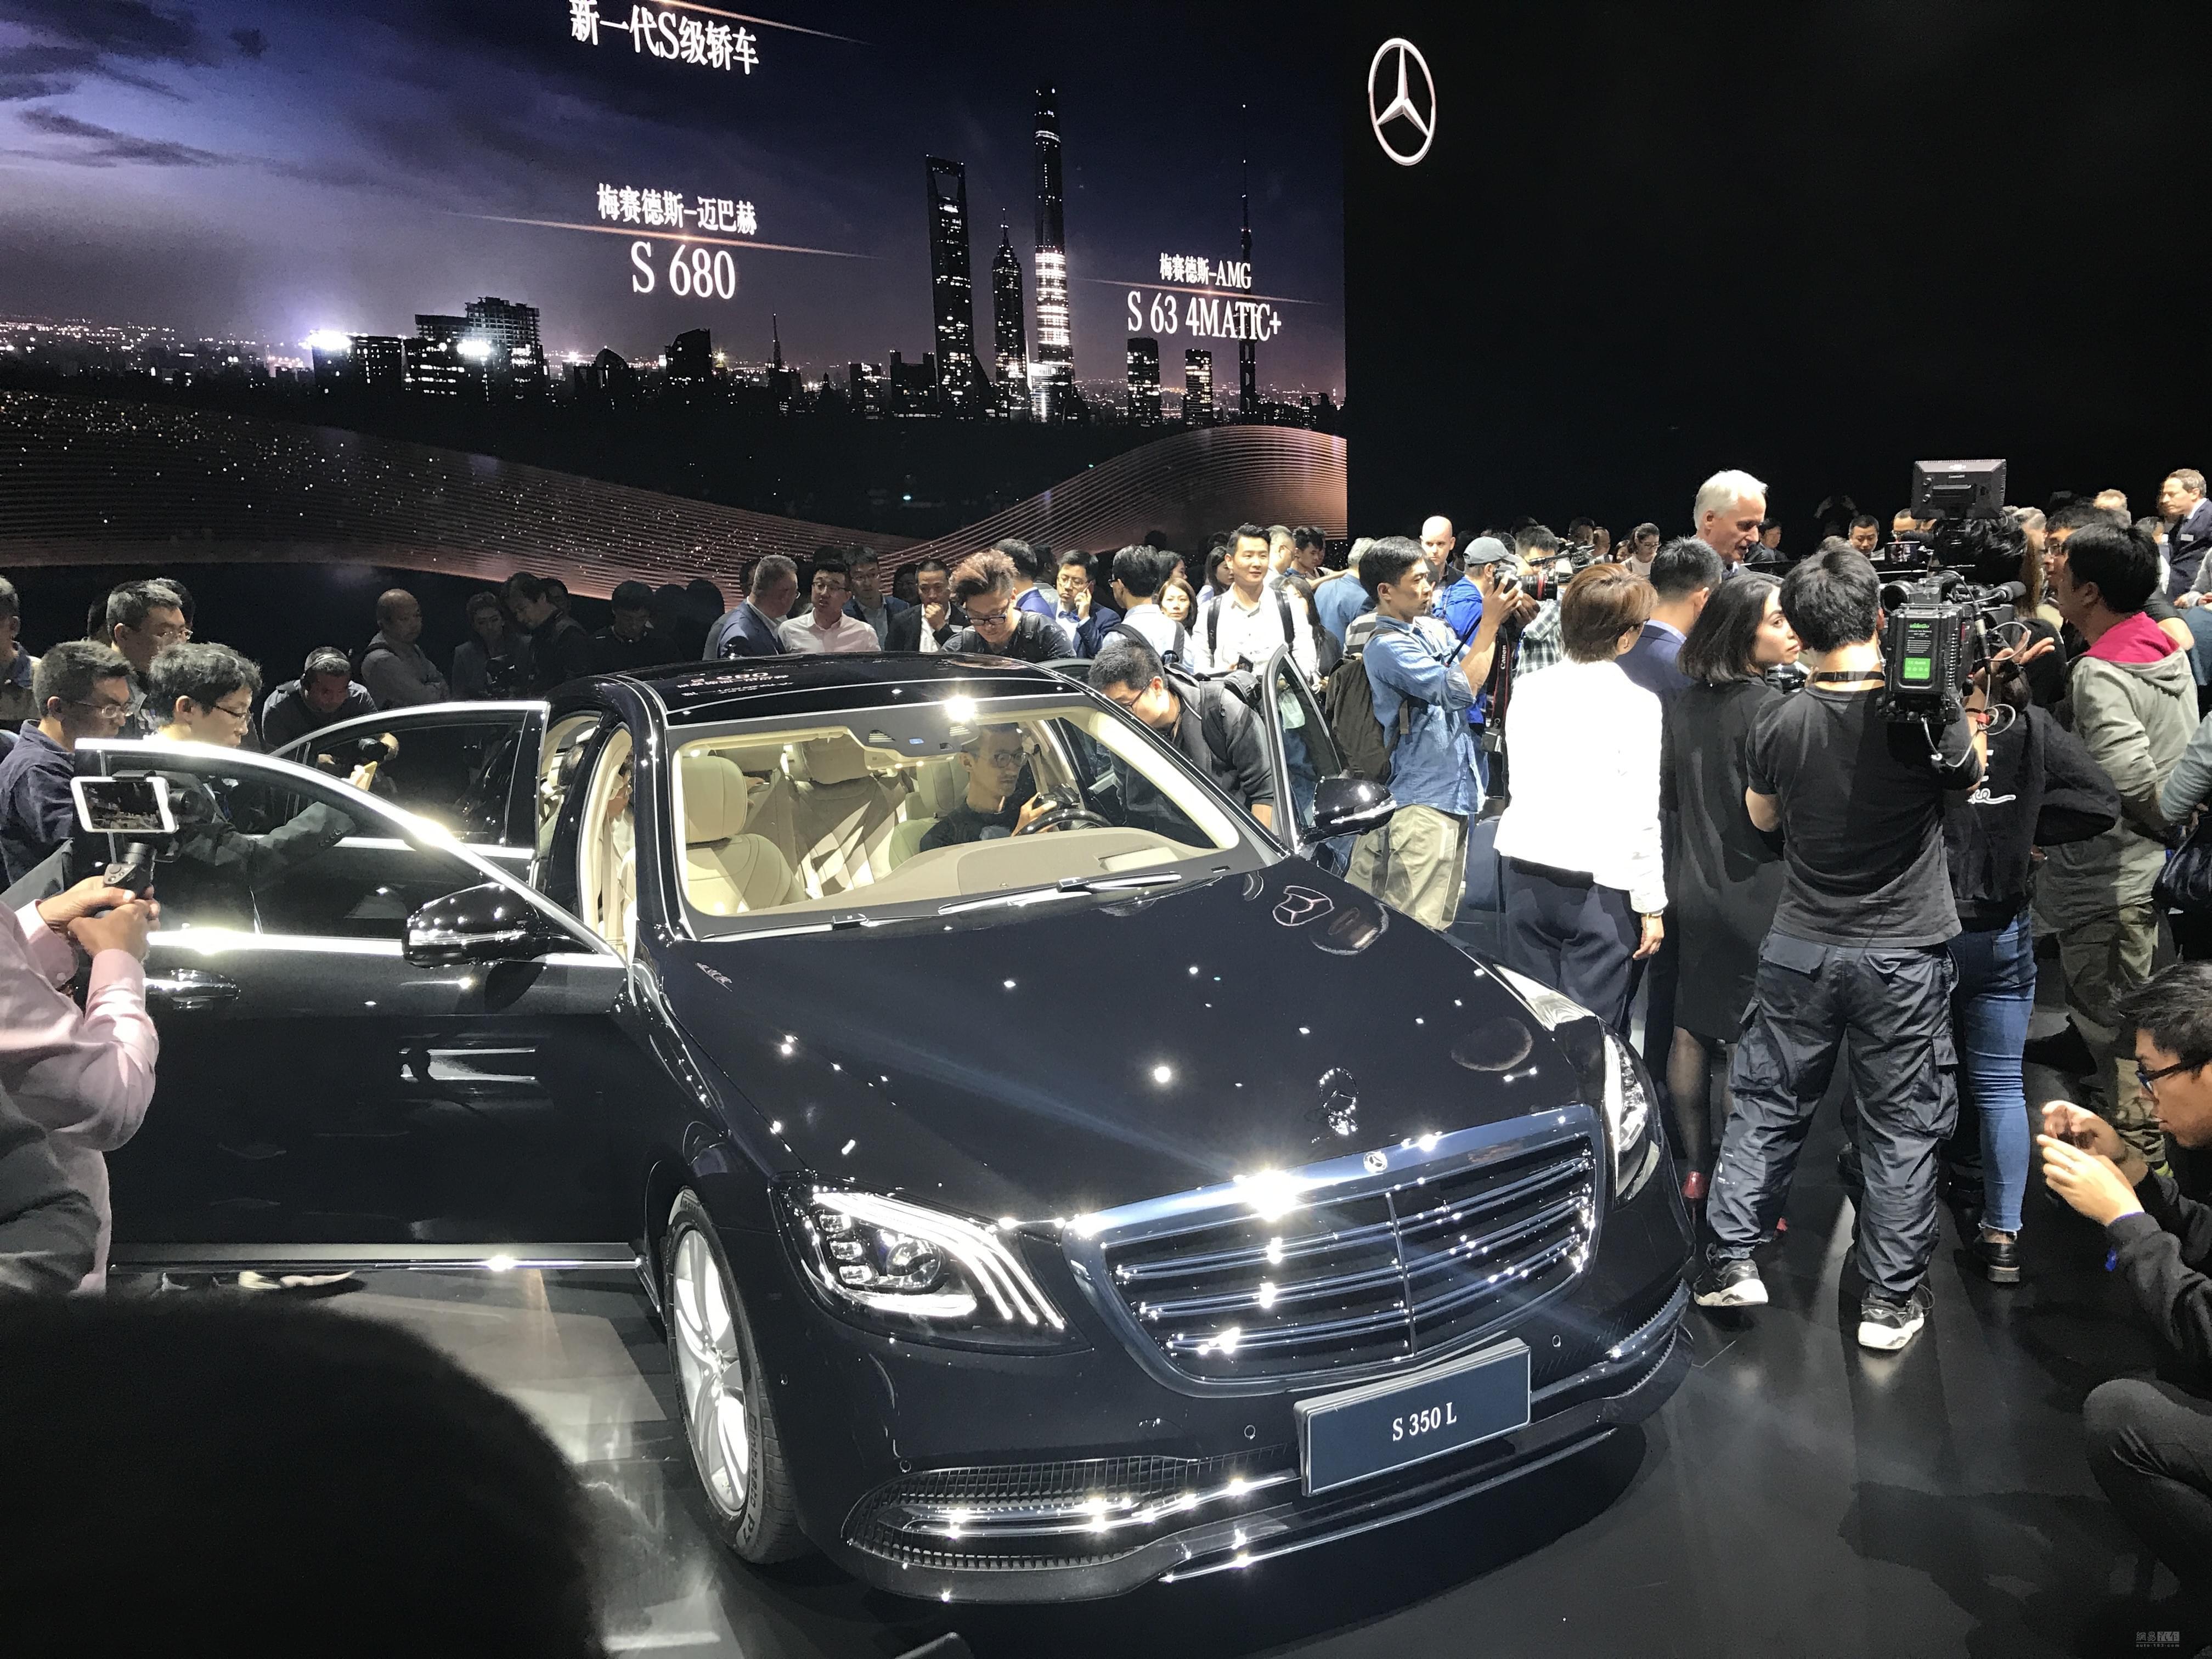 外观内饰升级 新款奔驰S级多车型亮相